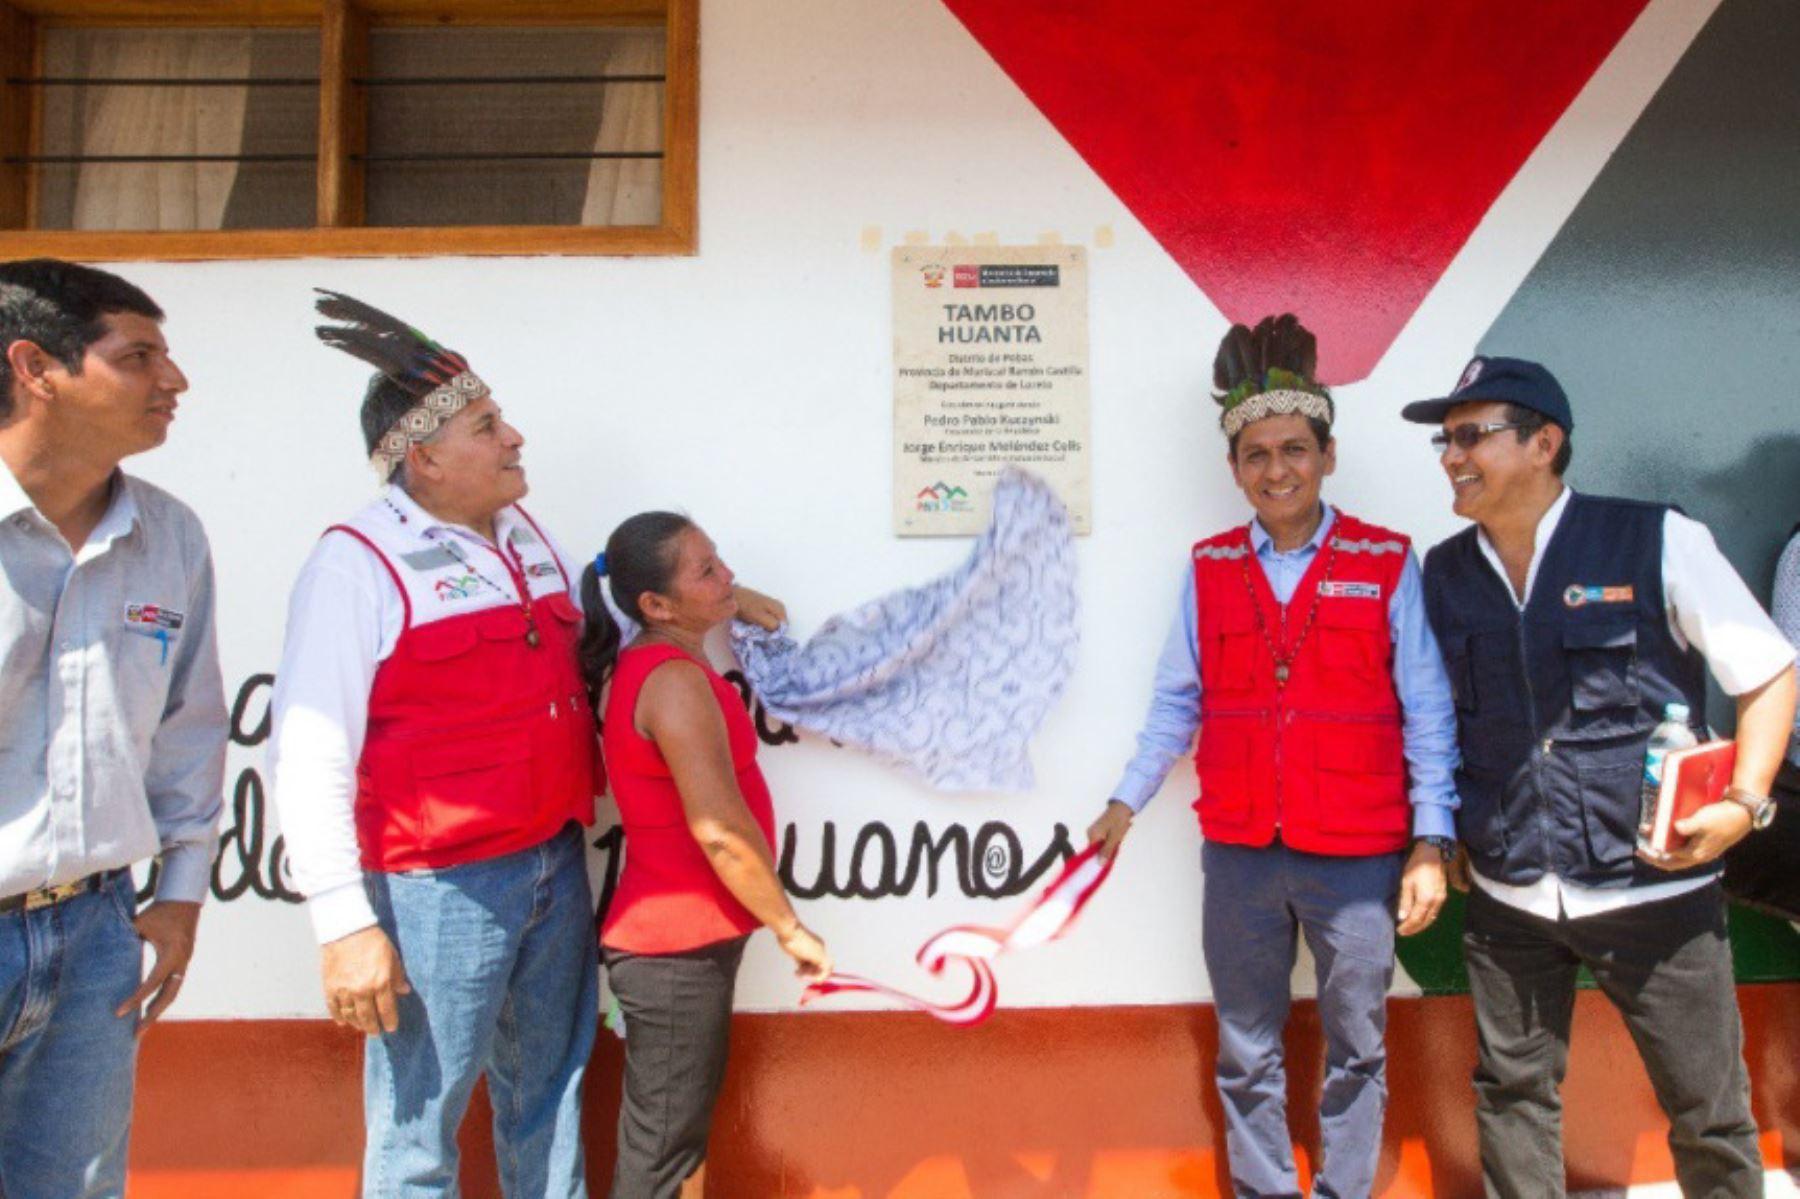 El ministro de Desarrollo e Inclusión Social (Midis),  Jorge Meléndez, inauguró el Tambo Huanta, en la región Loreto, que permitirá acercar los servicios del Estado a aproximadamente 2,541 pobladores, procedentes de 19 centros poblados del distrito de Pebas, provincia de Mariscal Castilla, región Loreto.